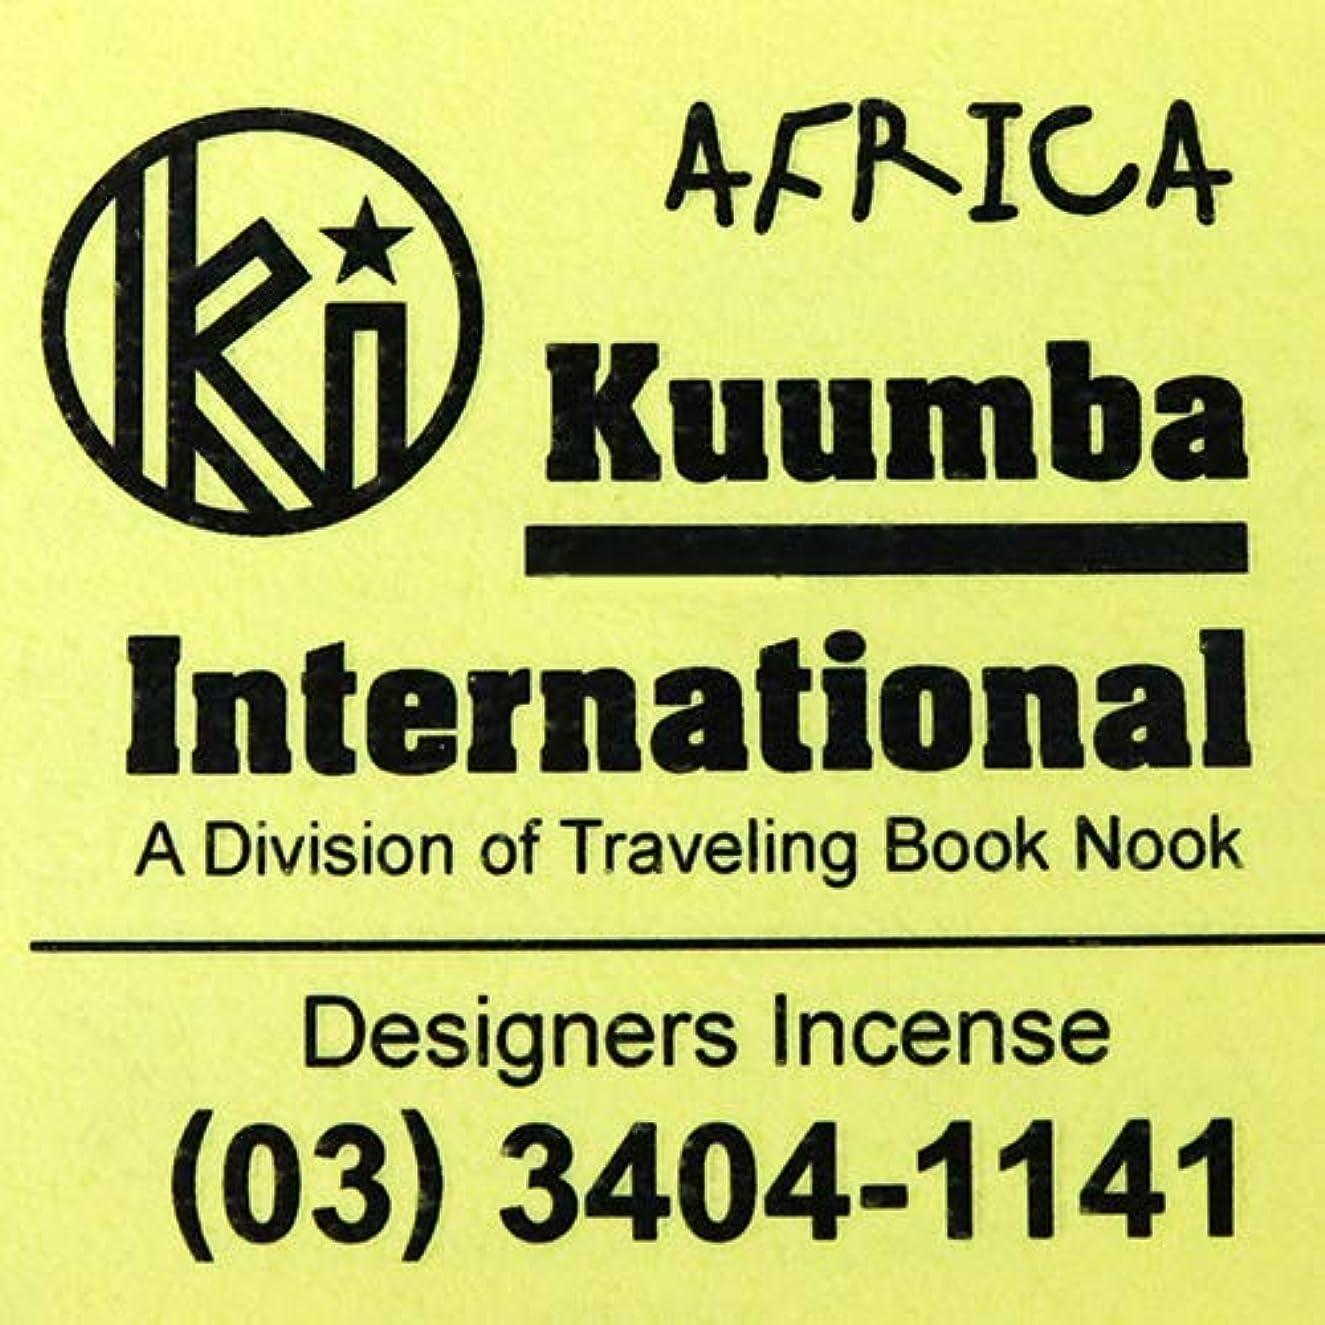 迷路在庫ご飯(クンバ) KUUMBA『incense』(AFRICA) (AFRICA, Regular size)